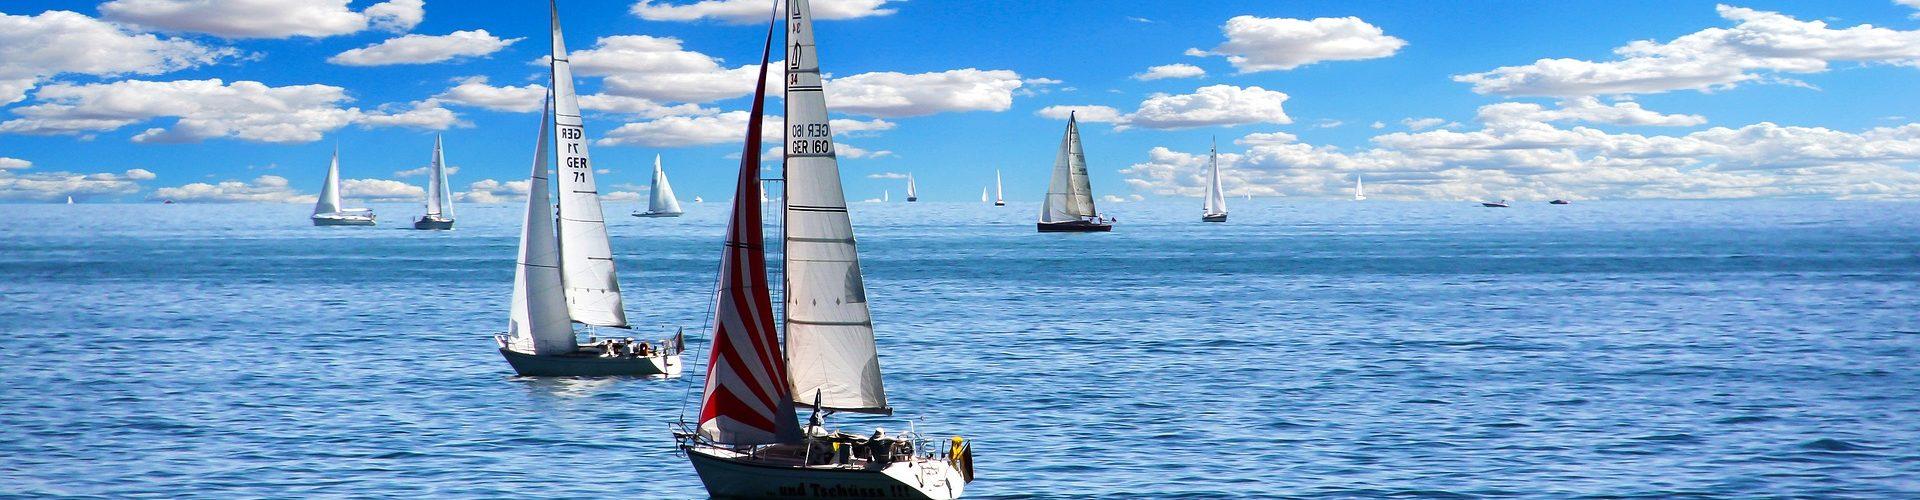 segeln lernen in Moers segelschein machen in Moers 1920x500 - Segeln lernen in Moers